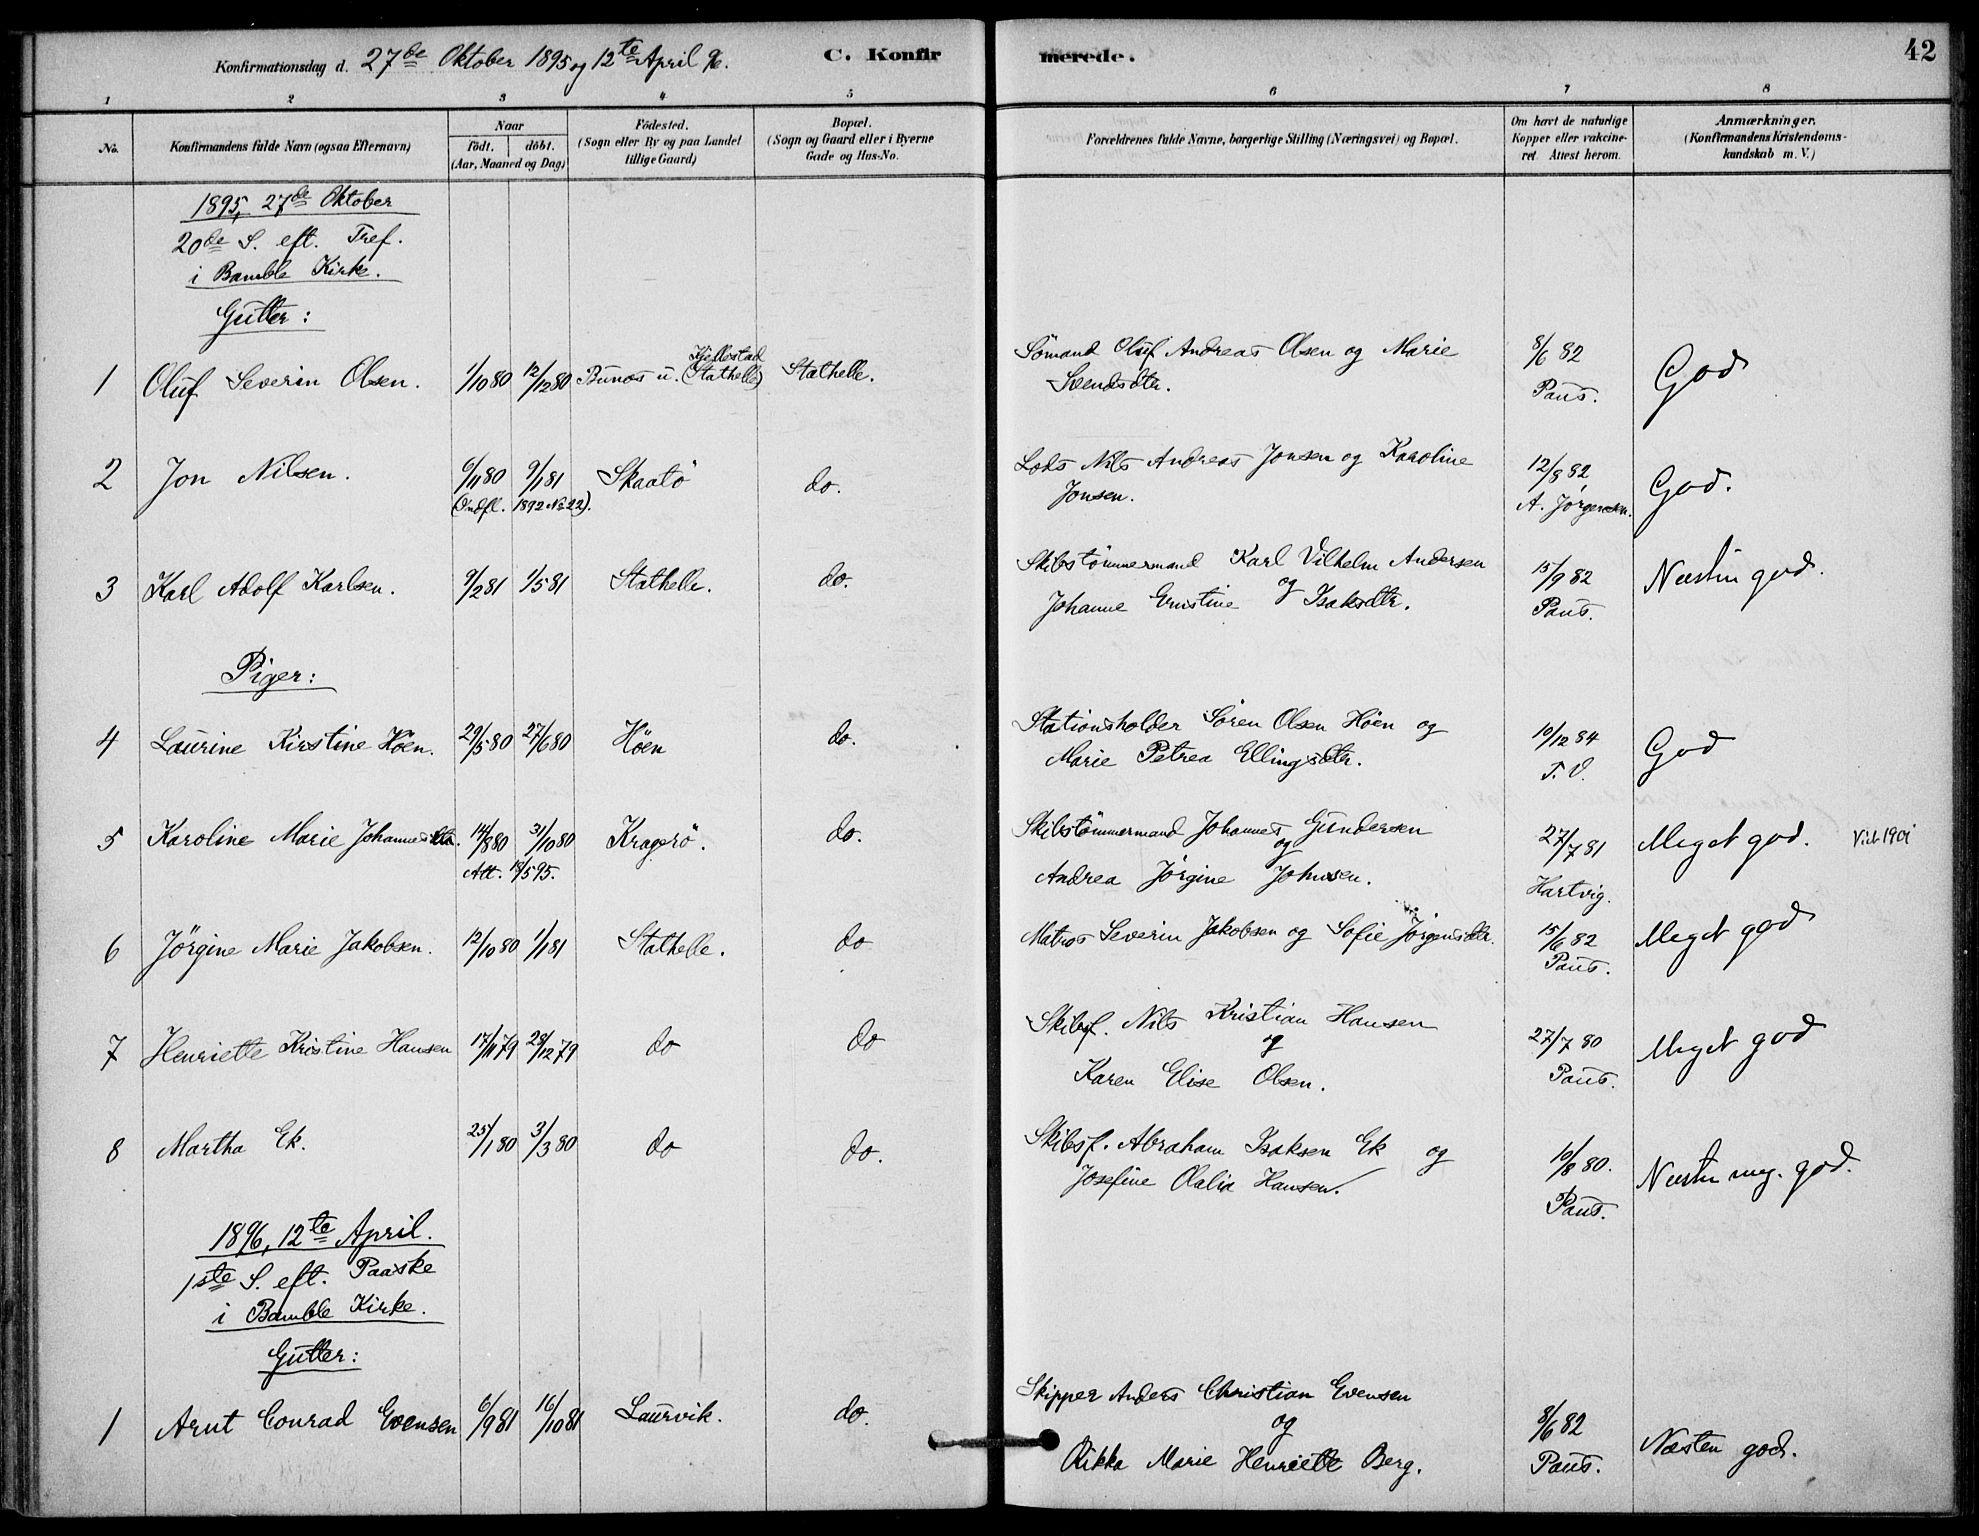 SAKO, Bamble kirkebøker, G/Gb/L0001: Klokkerbok nr. II 1, 1878-1900, s. 42